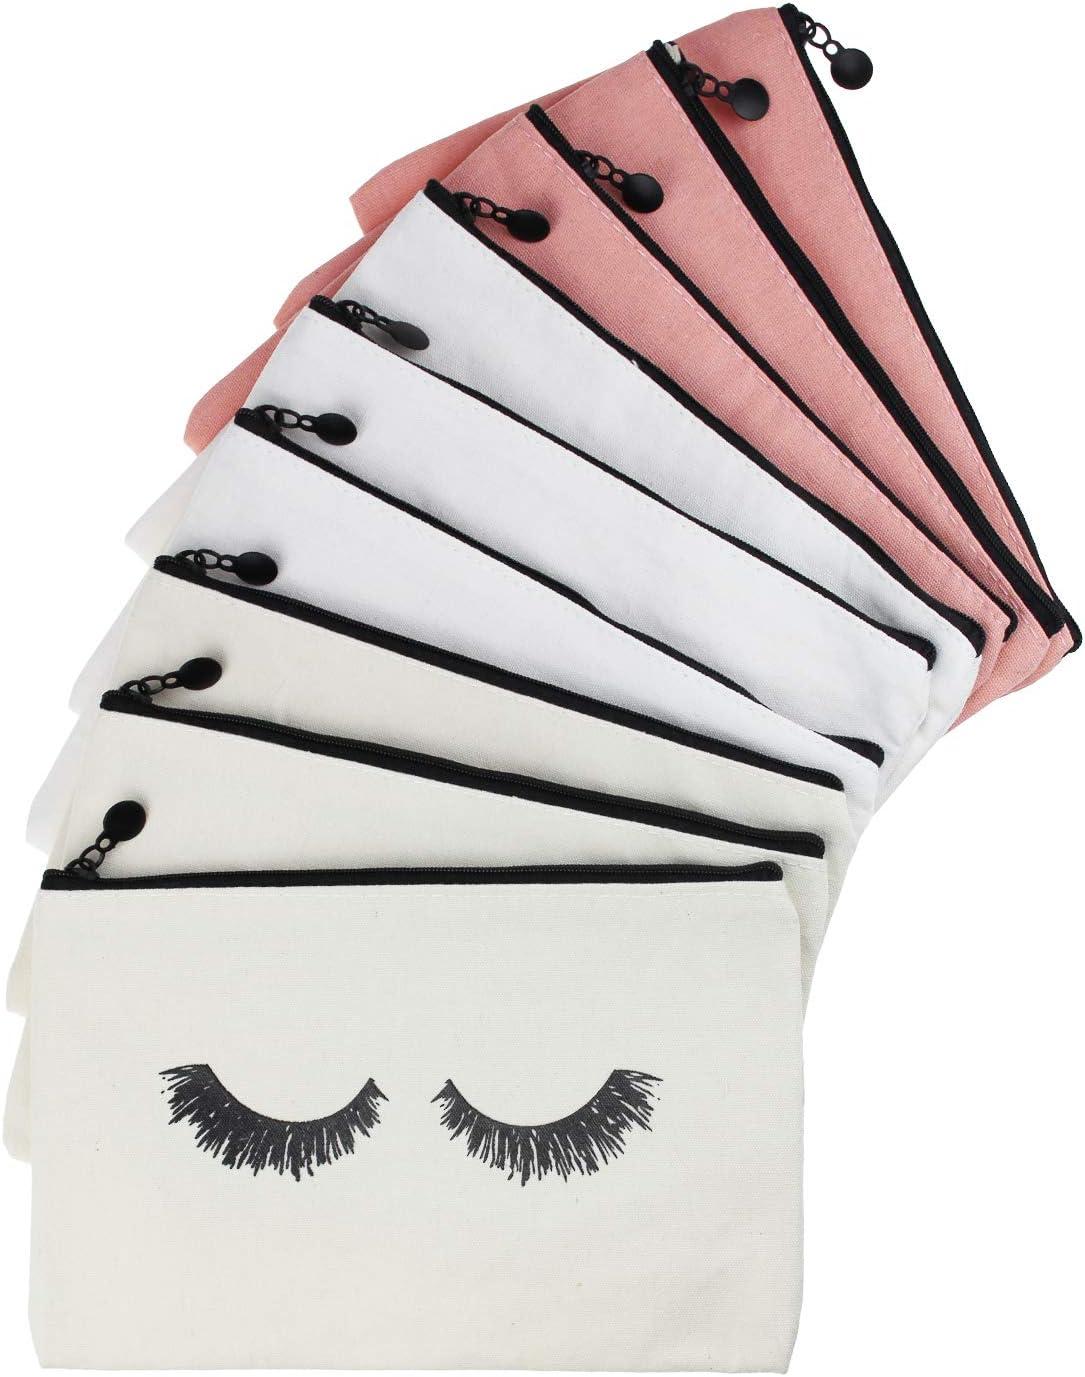 9 pi/èces maquillage des cils maquillage pochettes de voyage cosm/étiques trousses de toilette avec fermeture /éclair pour femmes et filles 3 couleurs